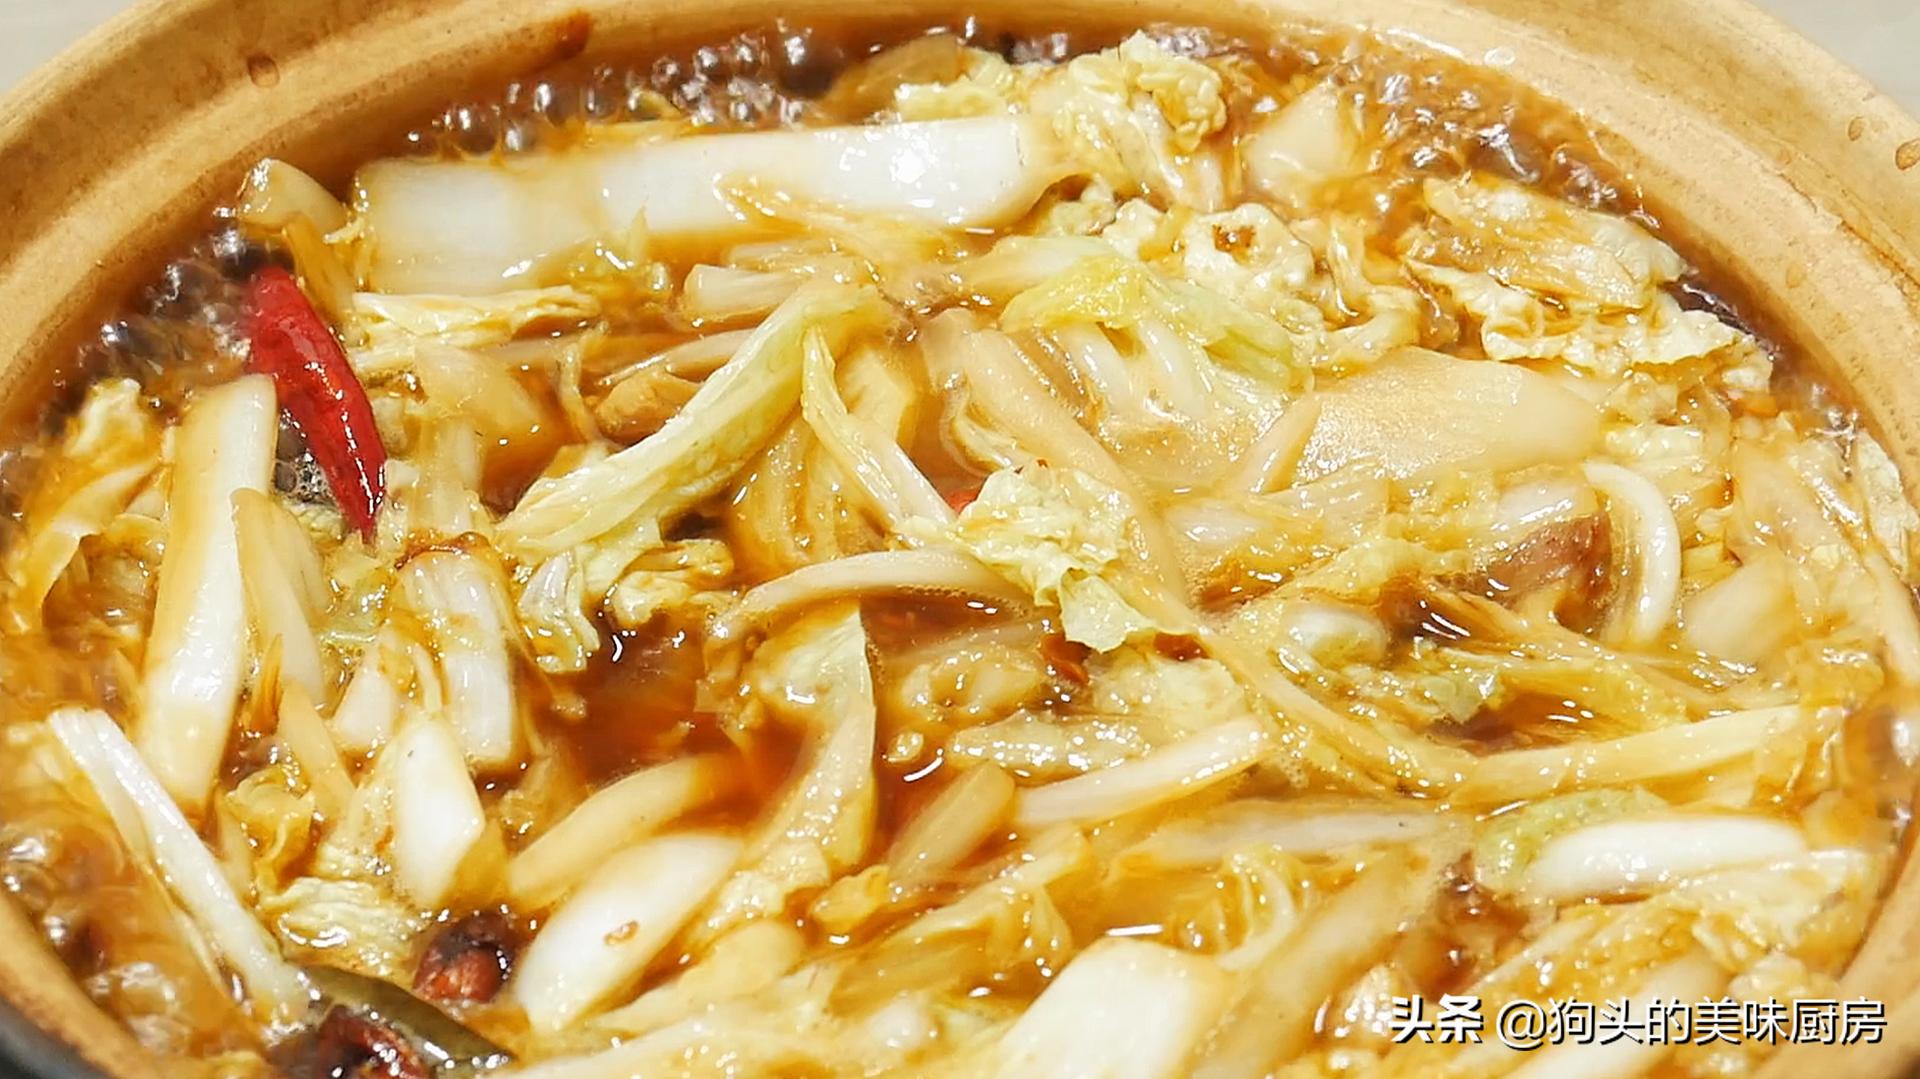 白菜炖粉条怎么做才好吃?教你一个诀窍,鲜香味美,好吃又解馋 美食做法 第10张